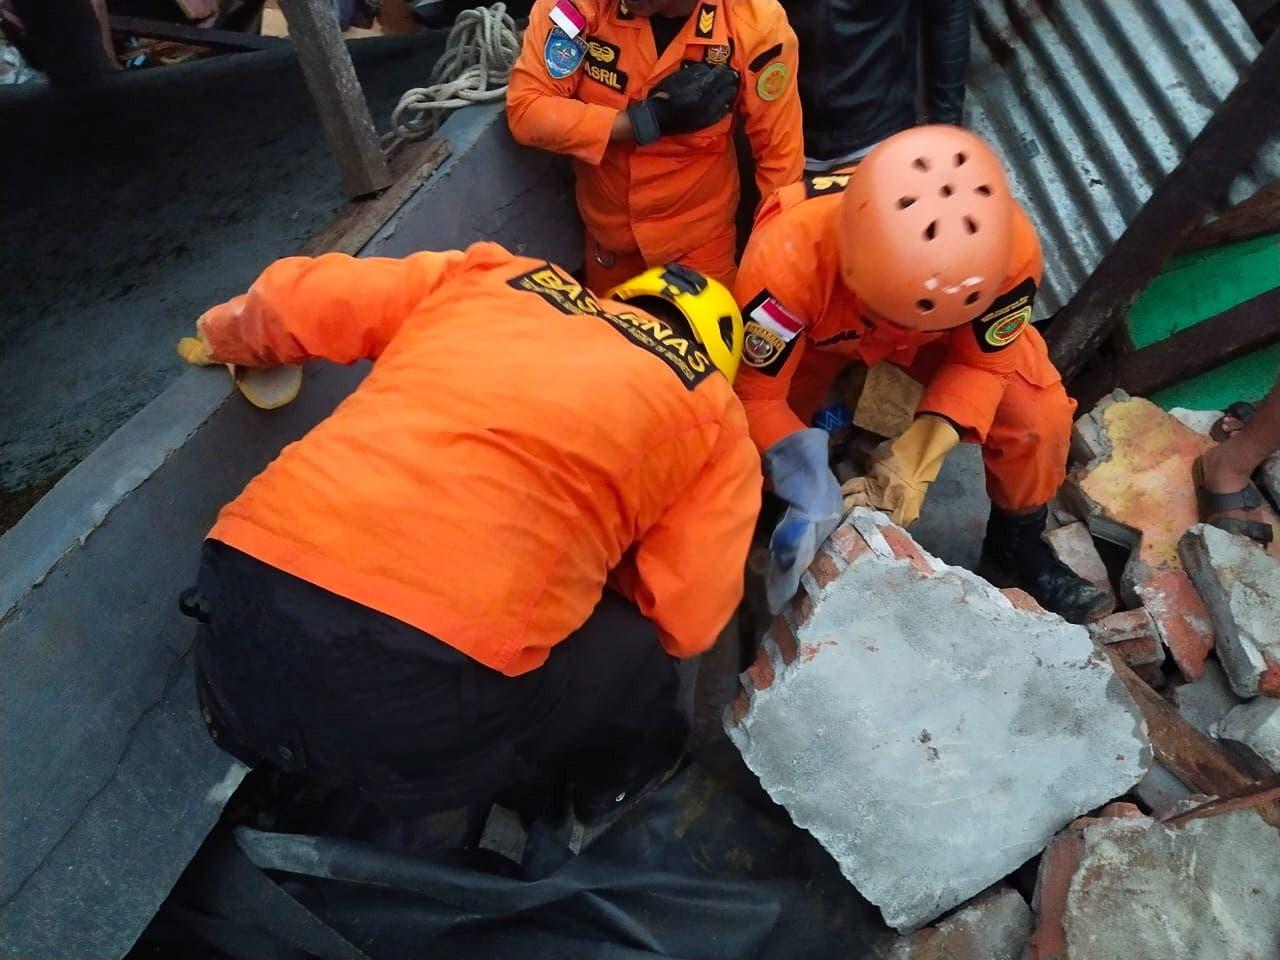 تیم های امداد و نجات در تلاشند تا بازماندگان را در زیر آوار پیدا کنند